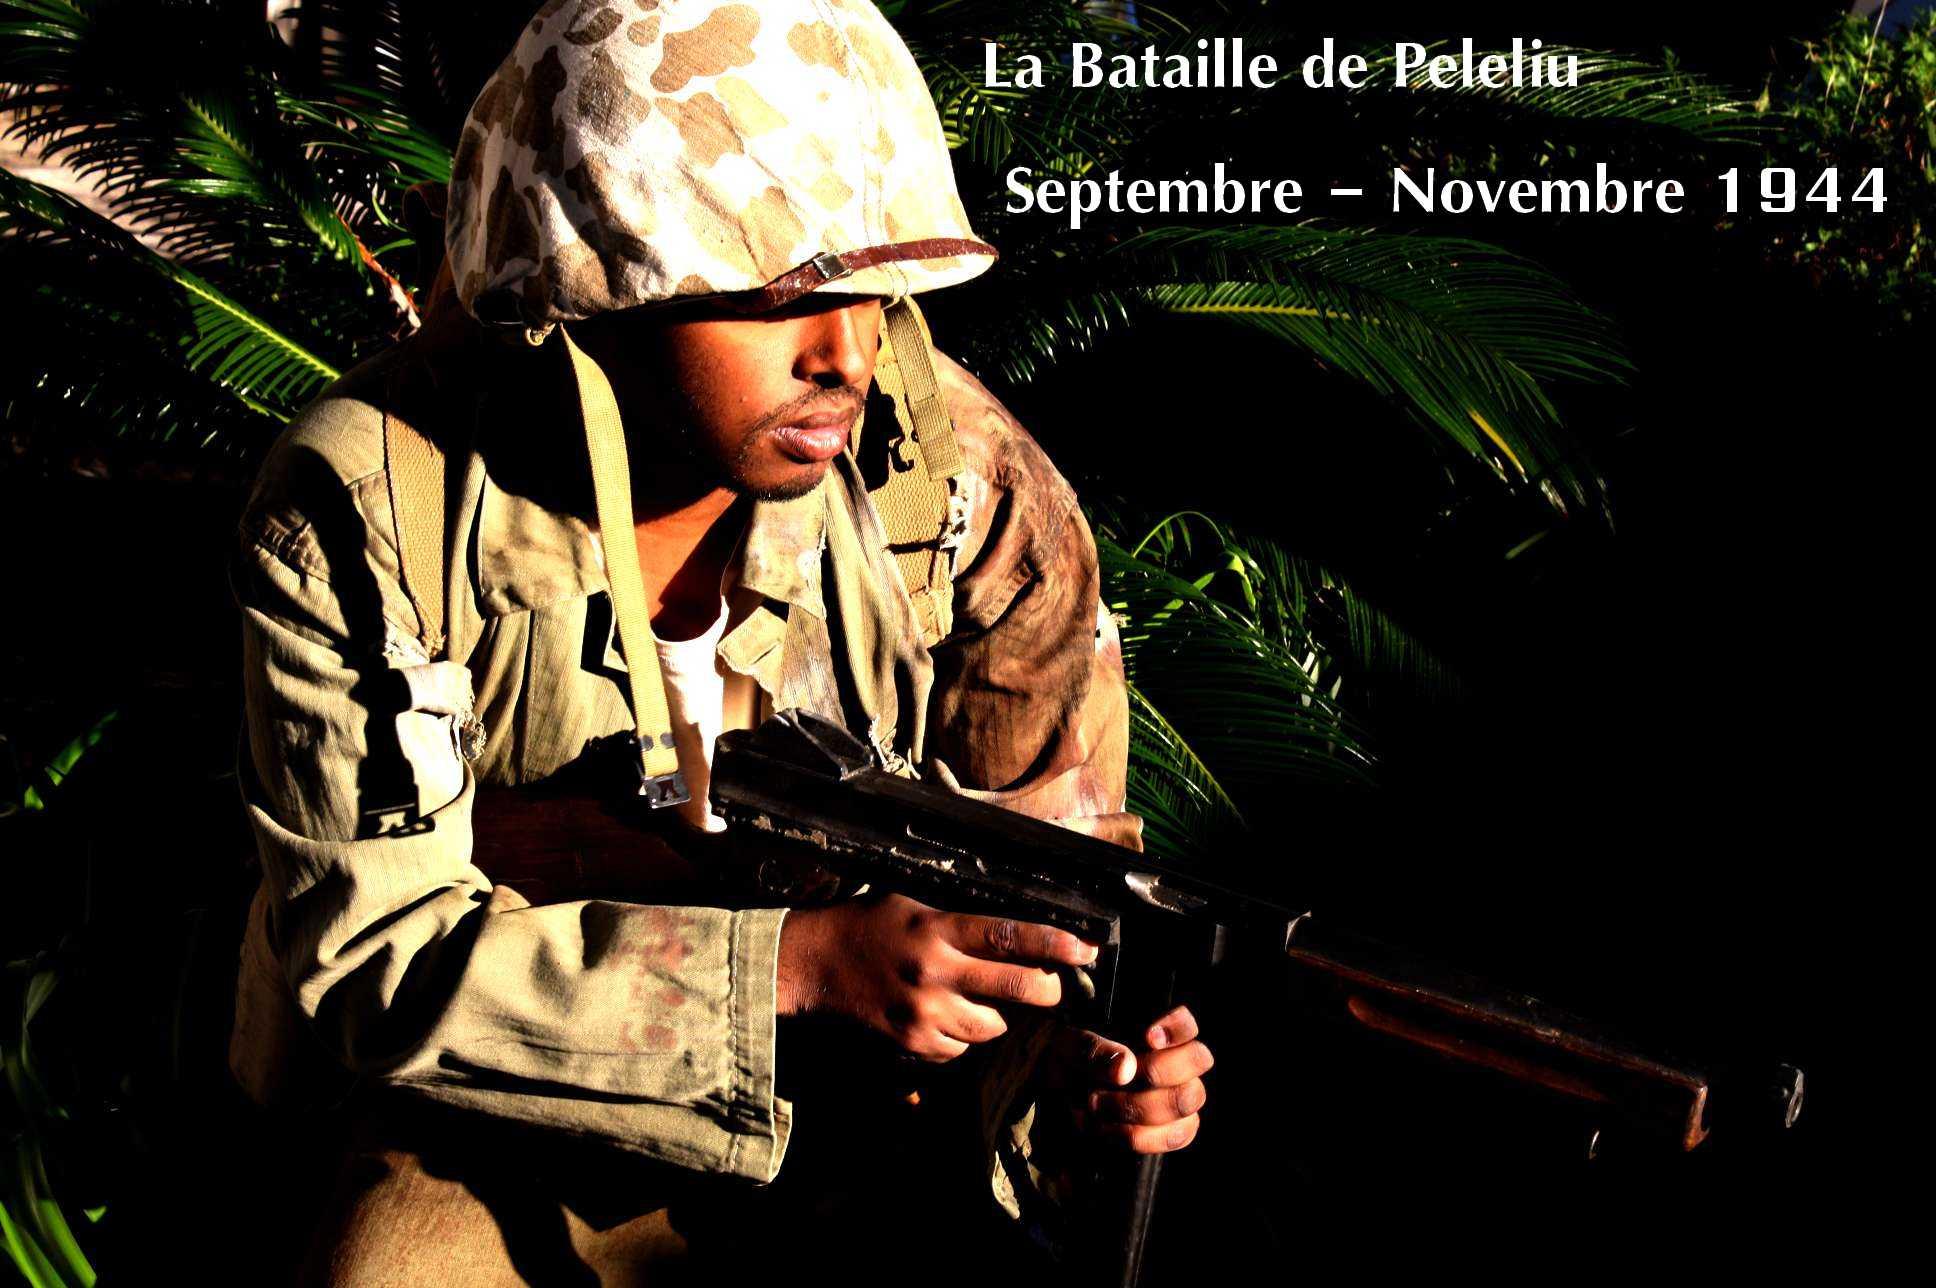 15 septembre 1944 : Débarquement sur Peleliu ! 2494_IMG_5850%20-%20Copie